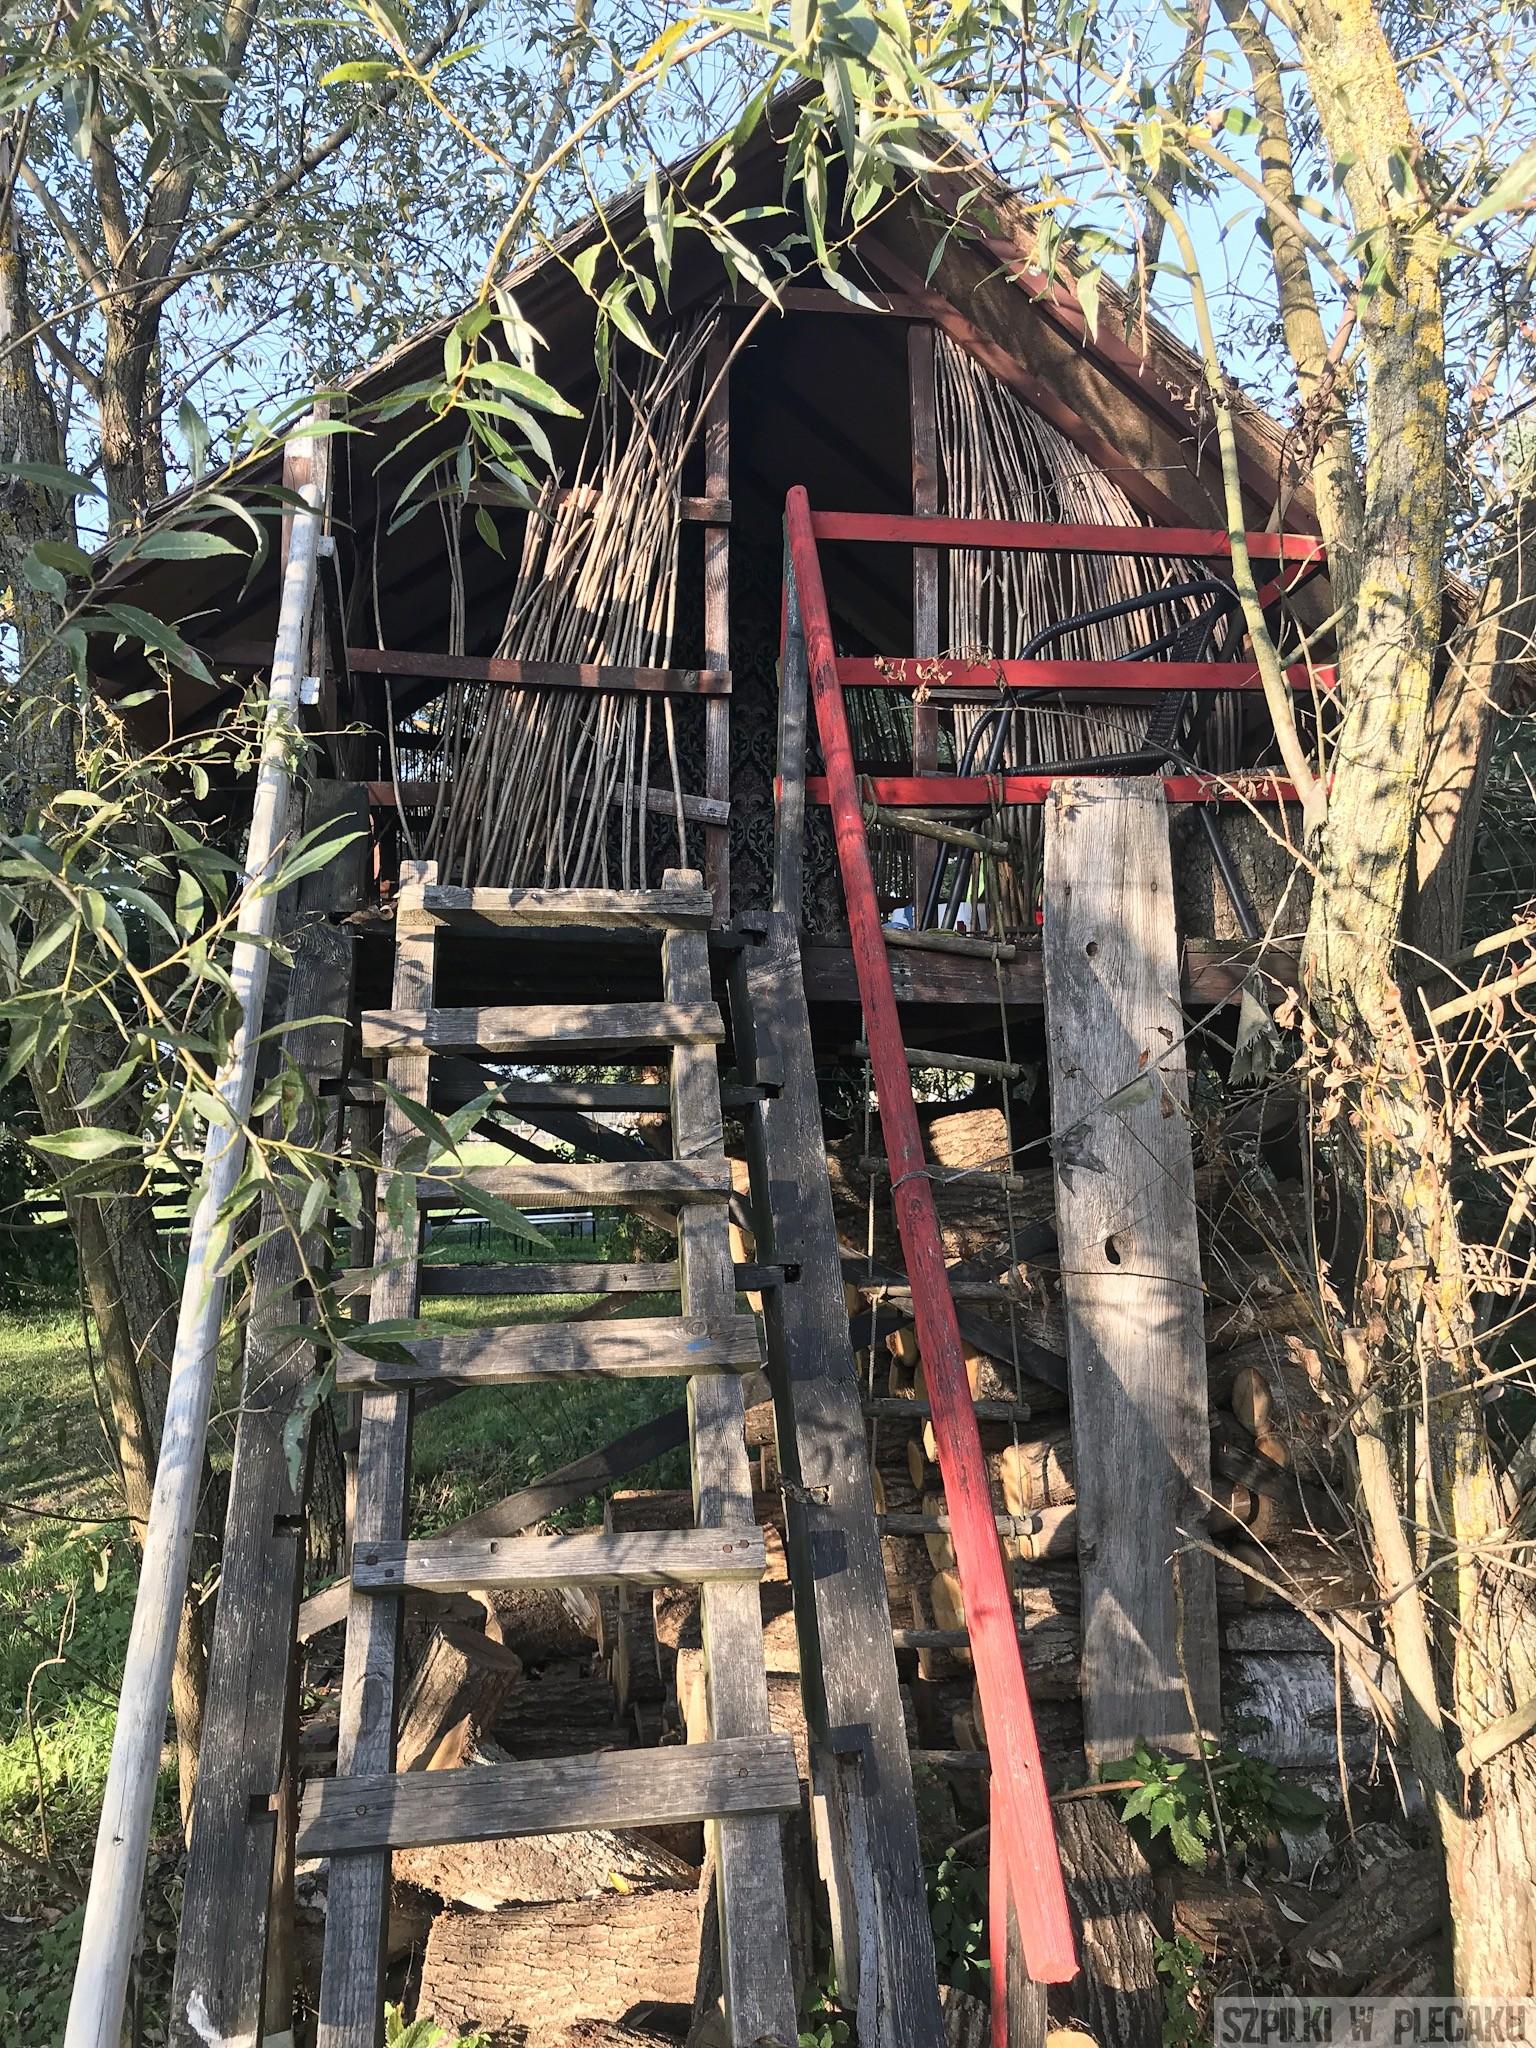 domek na drzewie - Siedlisko Leluja